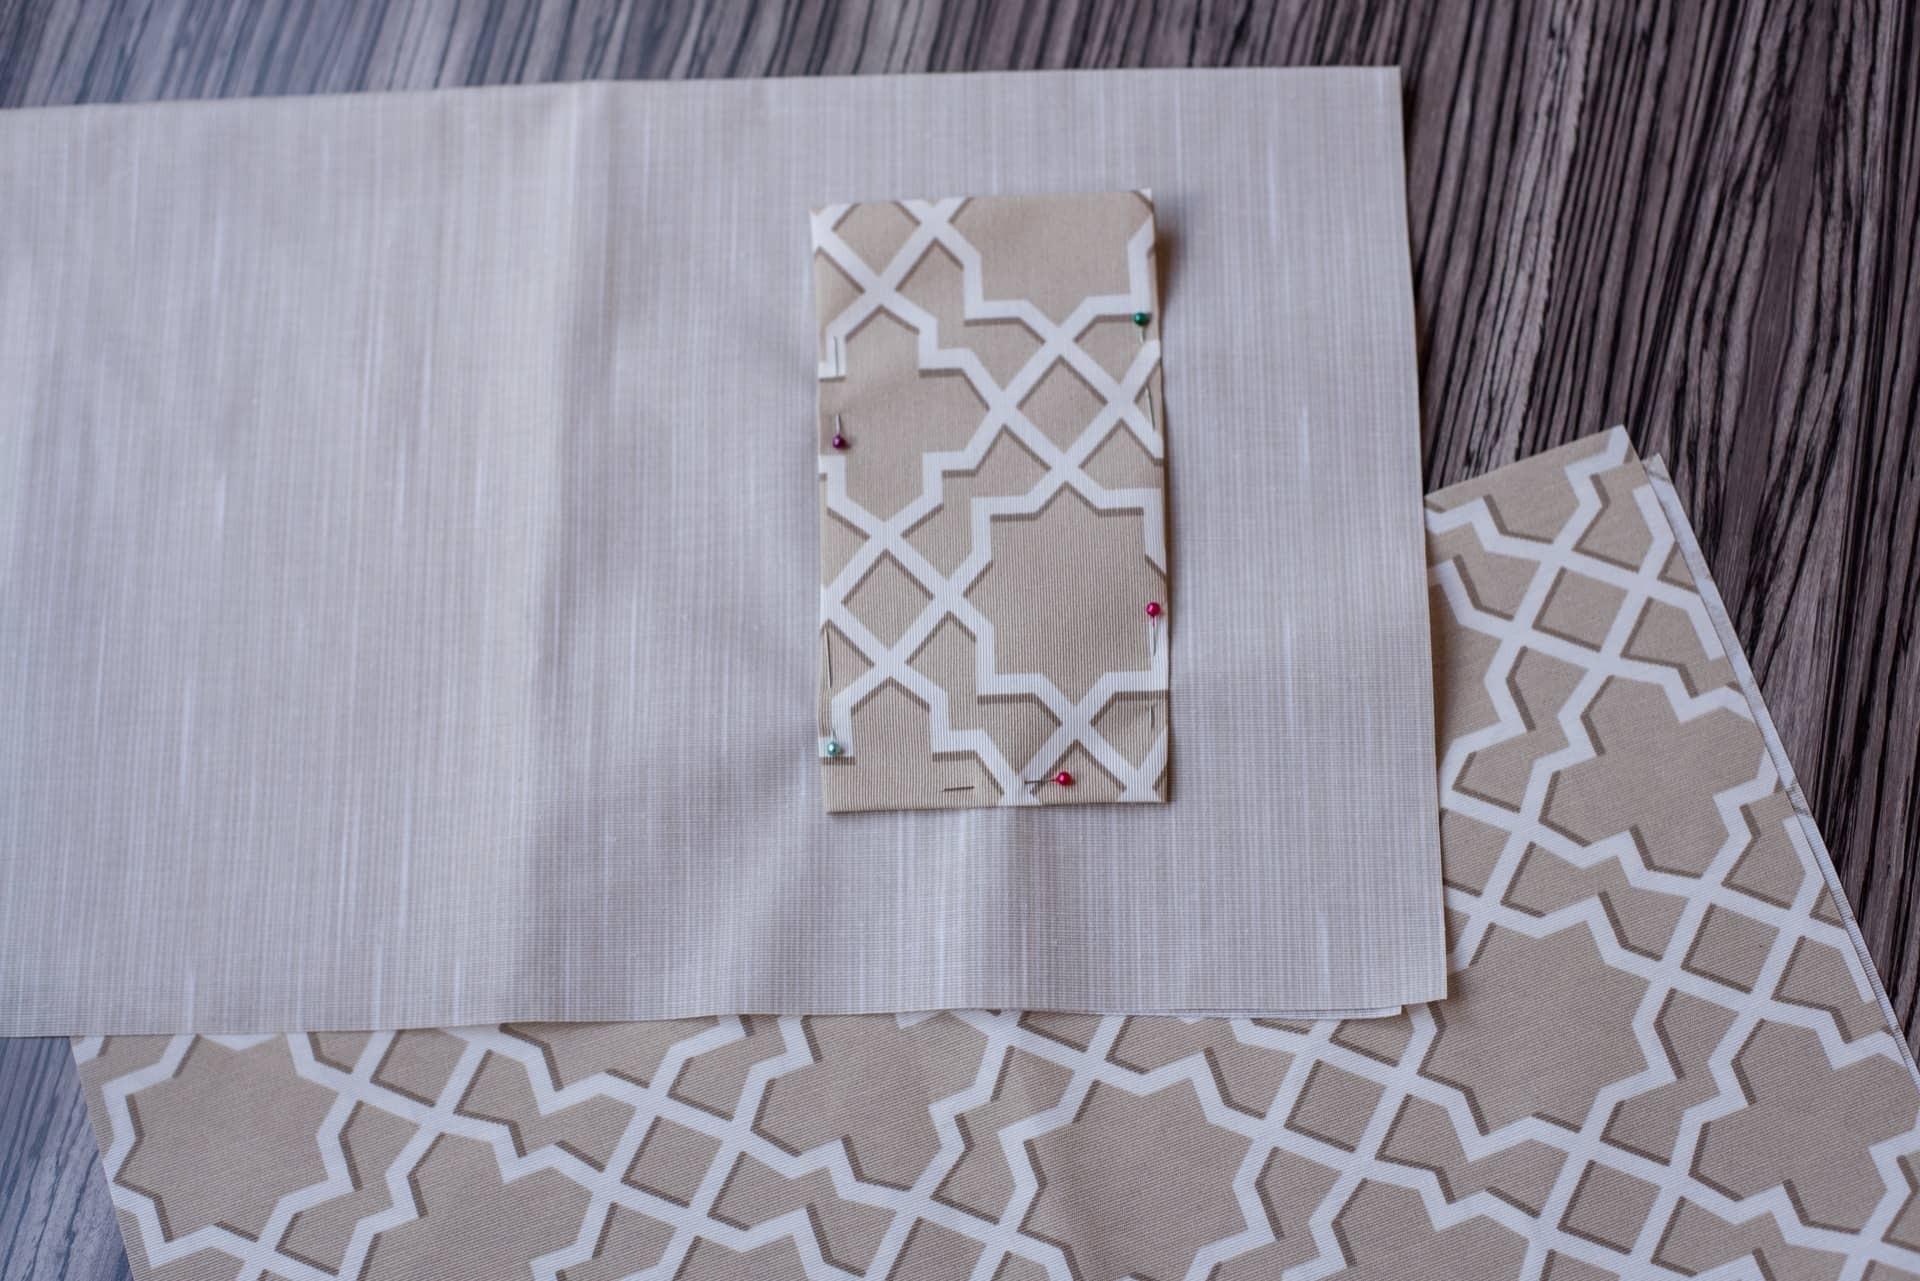 Passo 3: alfinete o bolso e costure-o no tecido liso, deixando a parte de cima aberta para acomodar os talheres. Foto: Karla Rudnick